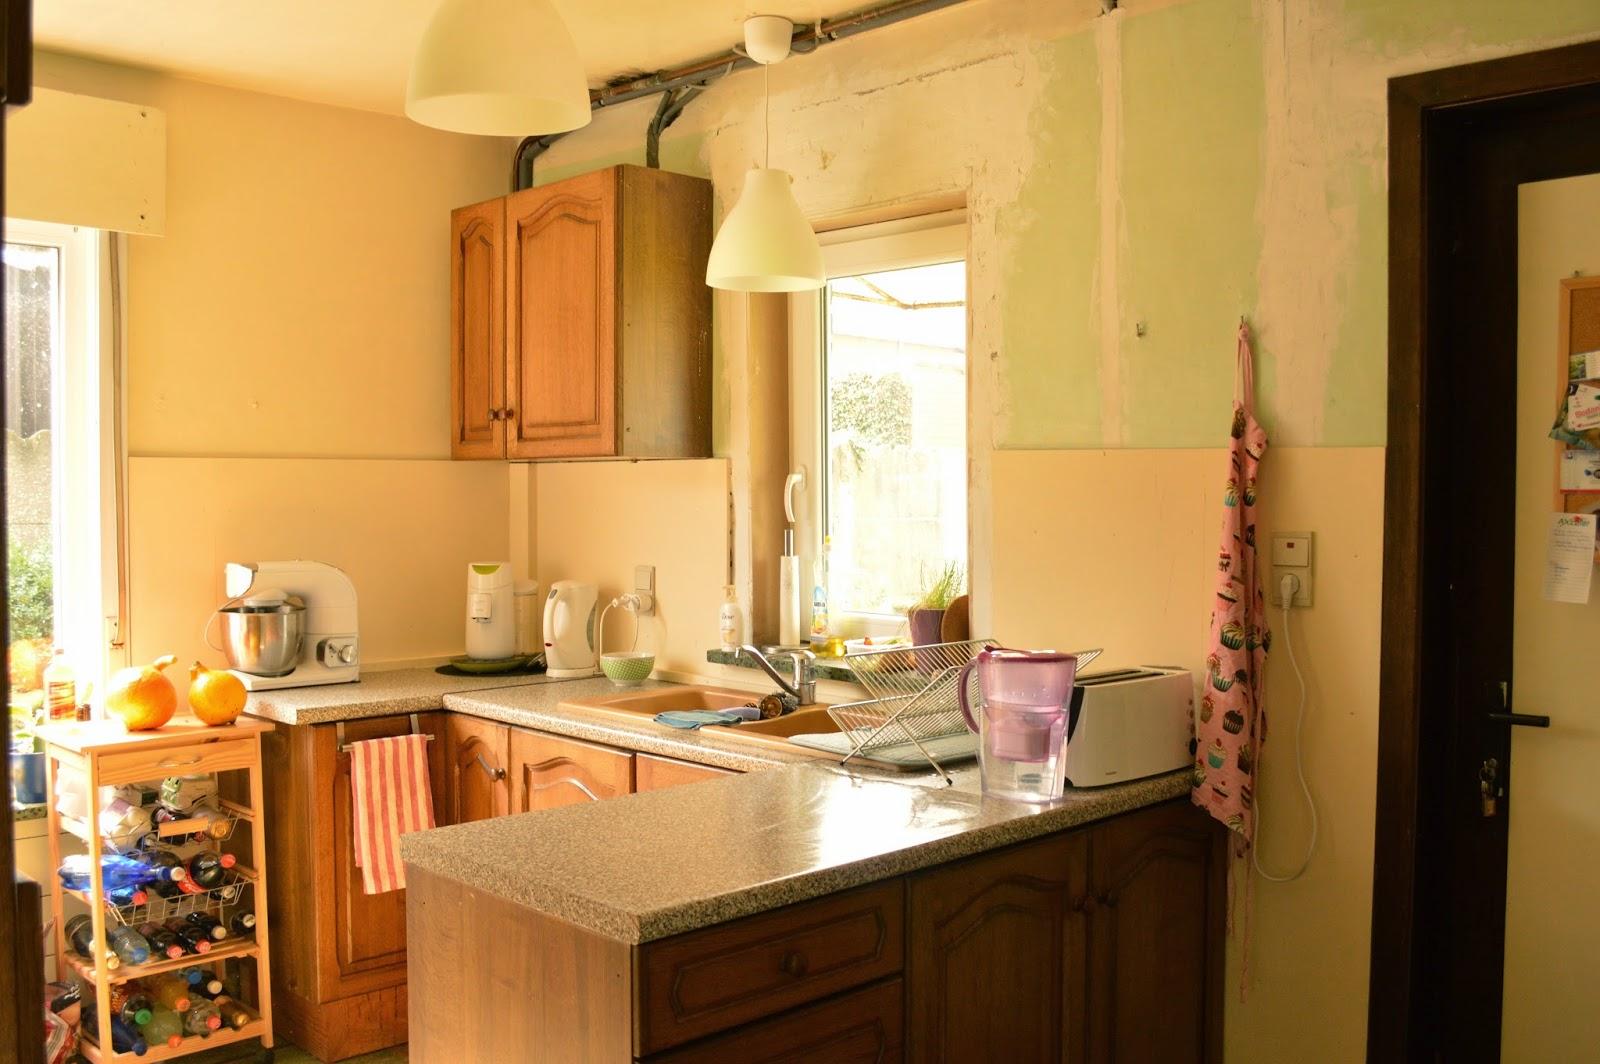 Mamzella en toen was de keuken verdwenen - Beeld van eigentijdse keuken ...